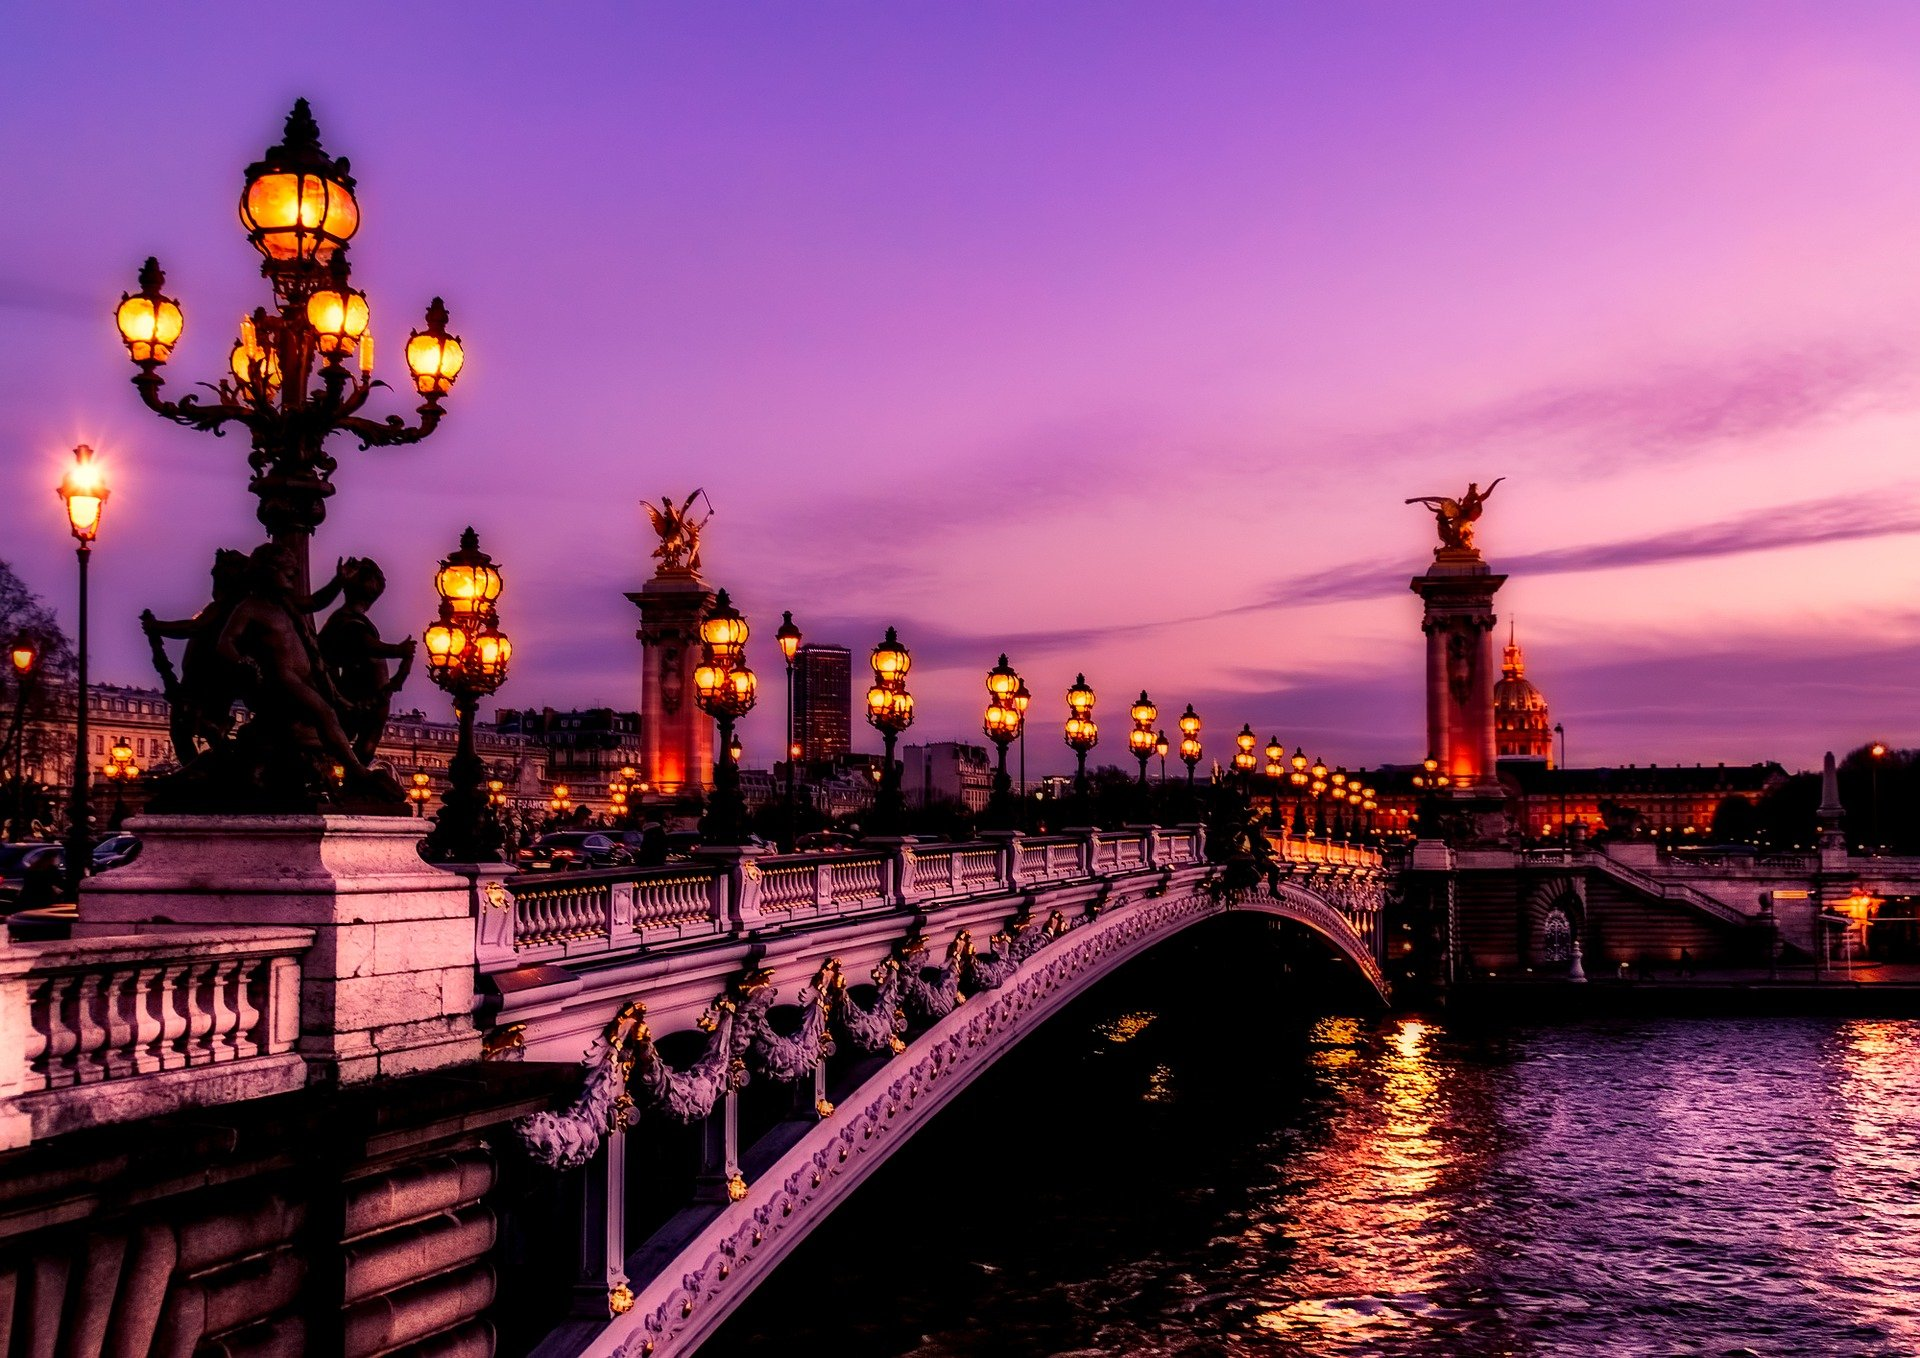 Balade touristique ou visite guidée à Paris?